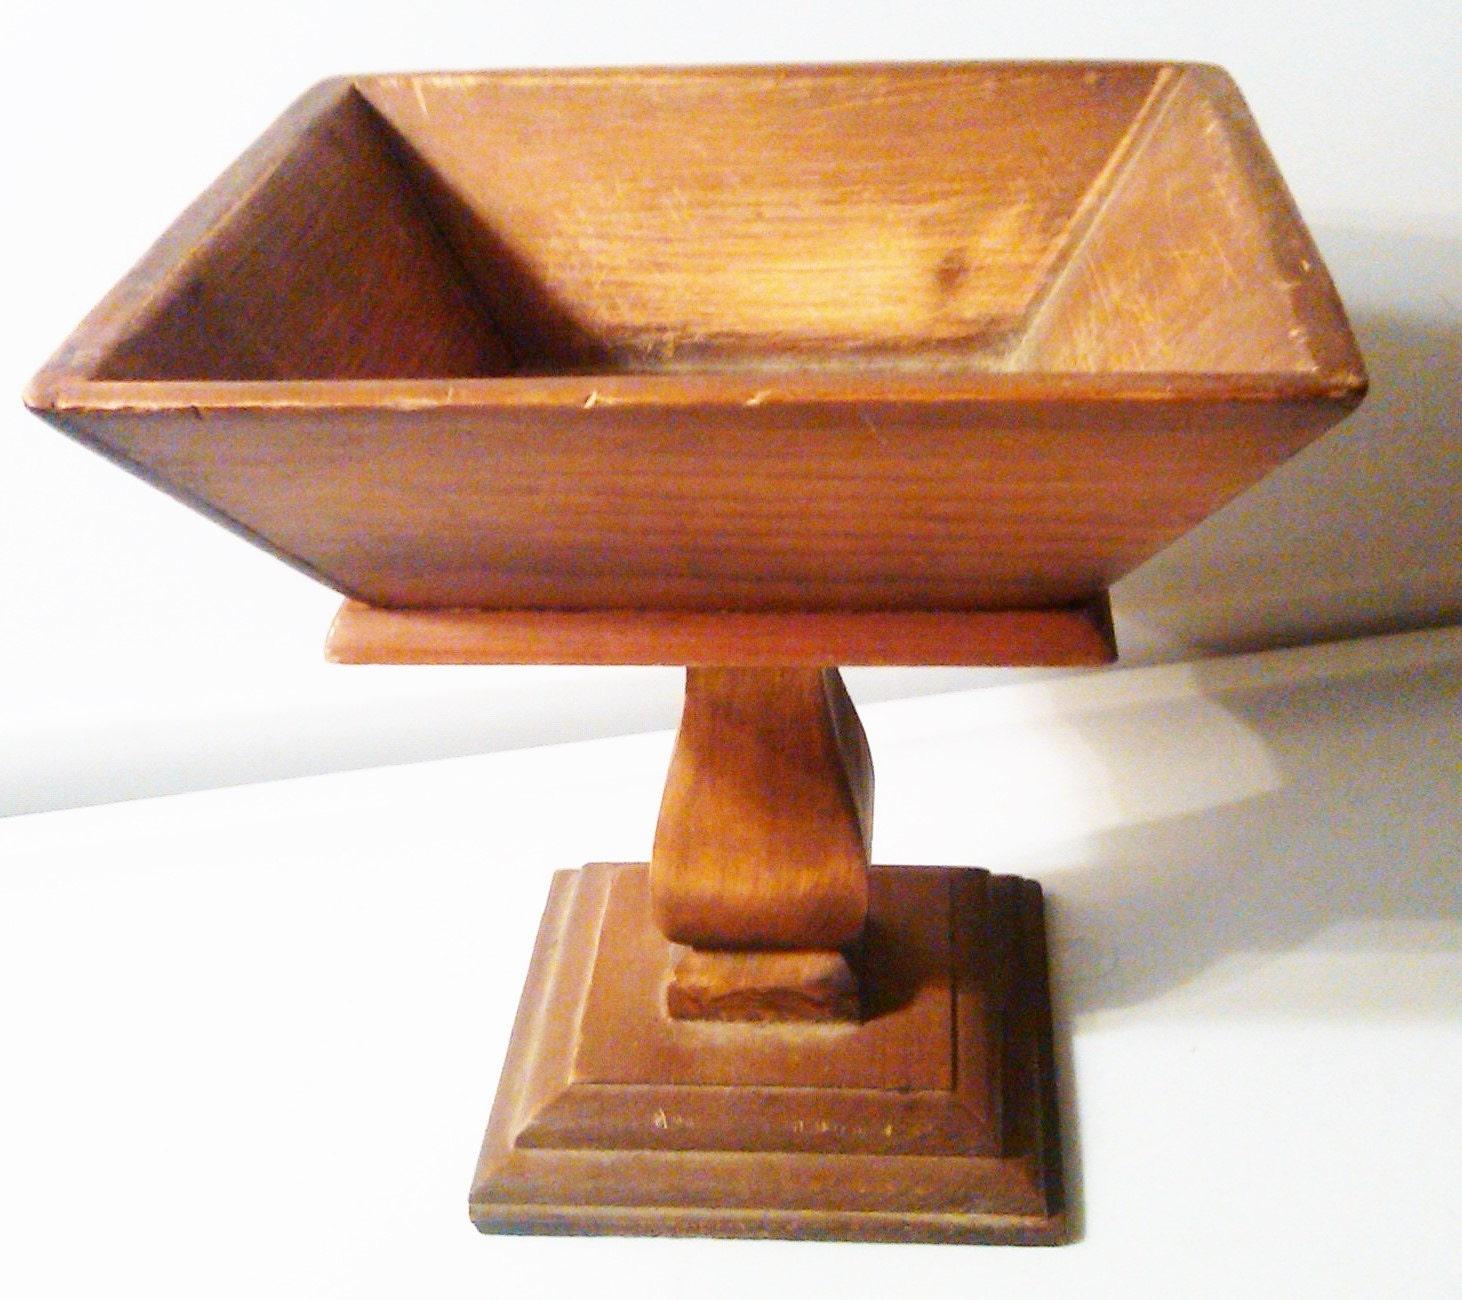 Wood pedestal vase hand carved table centerpiece